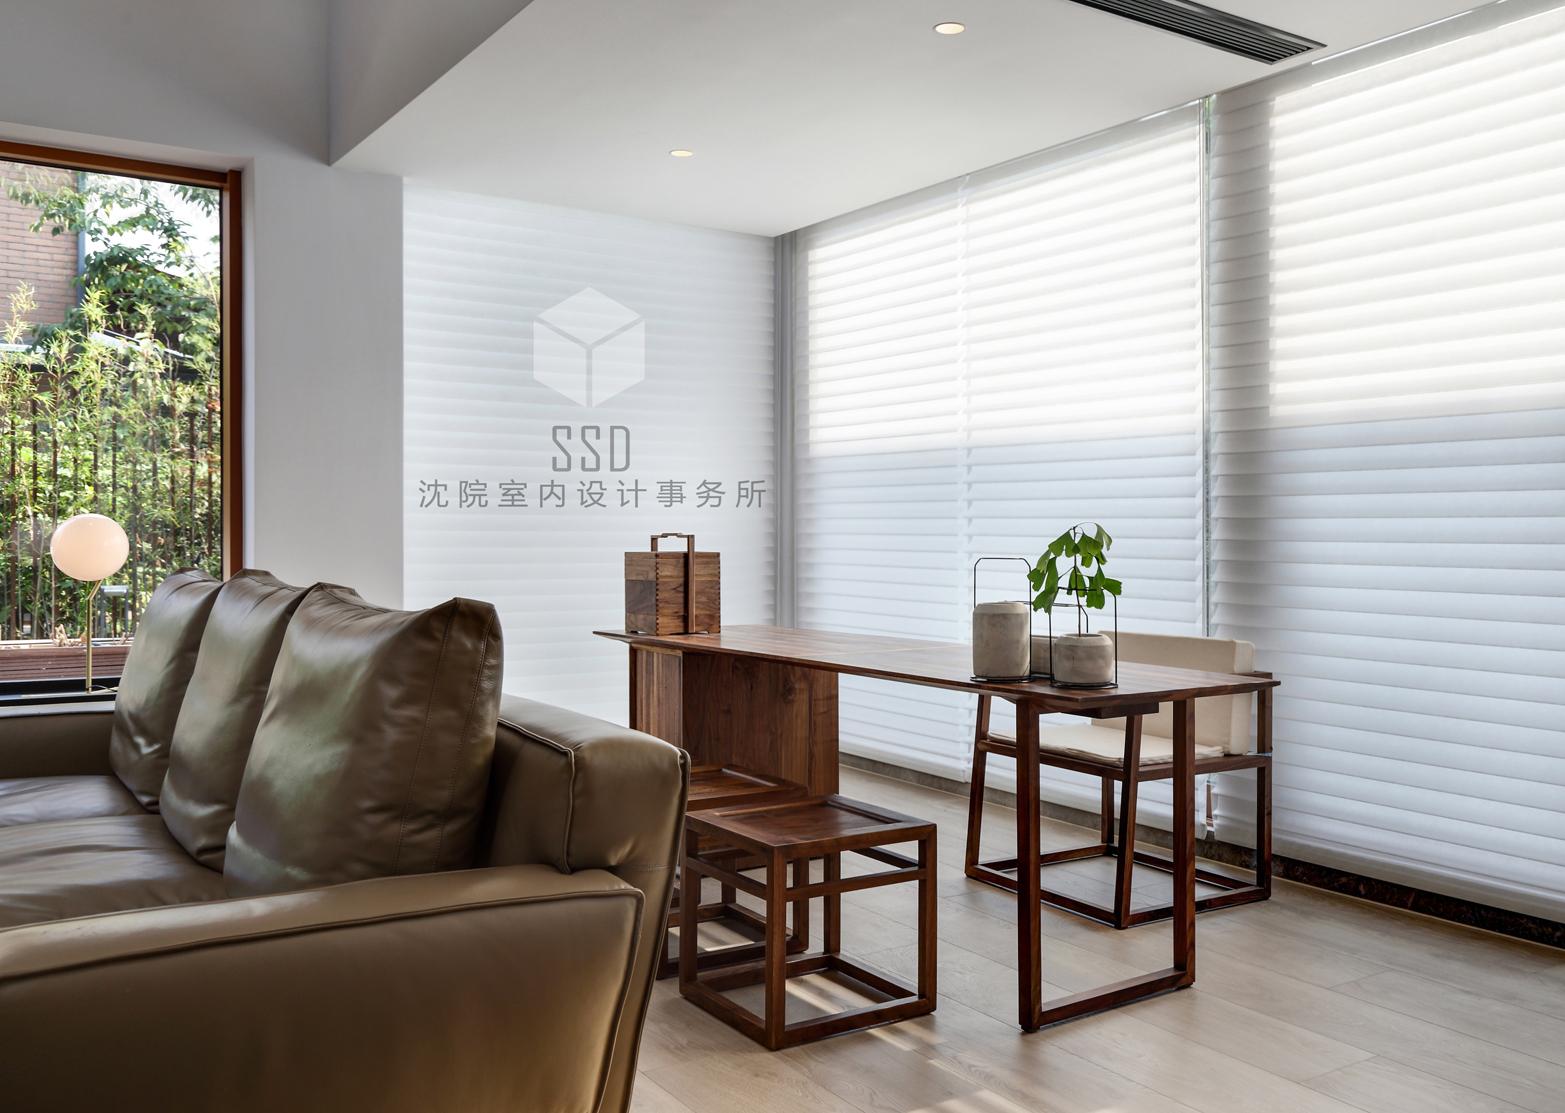 简约 别墅 客厅图片来自沈院在净▪静的分享